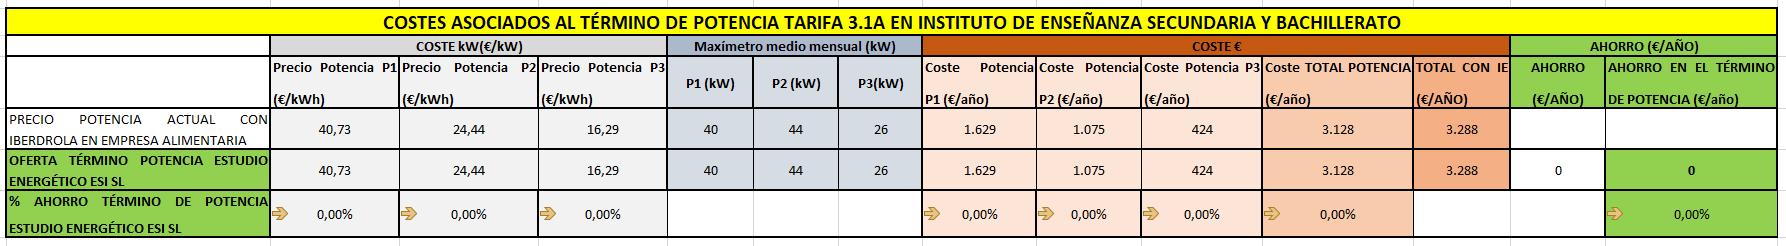 Precio de cada periodo y costes asociados al término de potencia del instituto